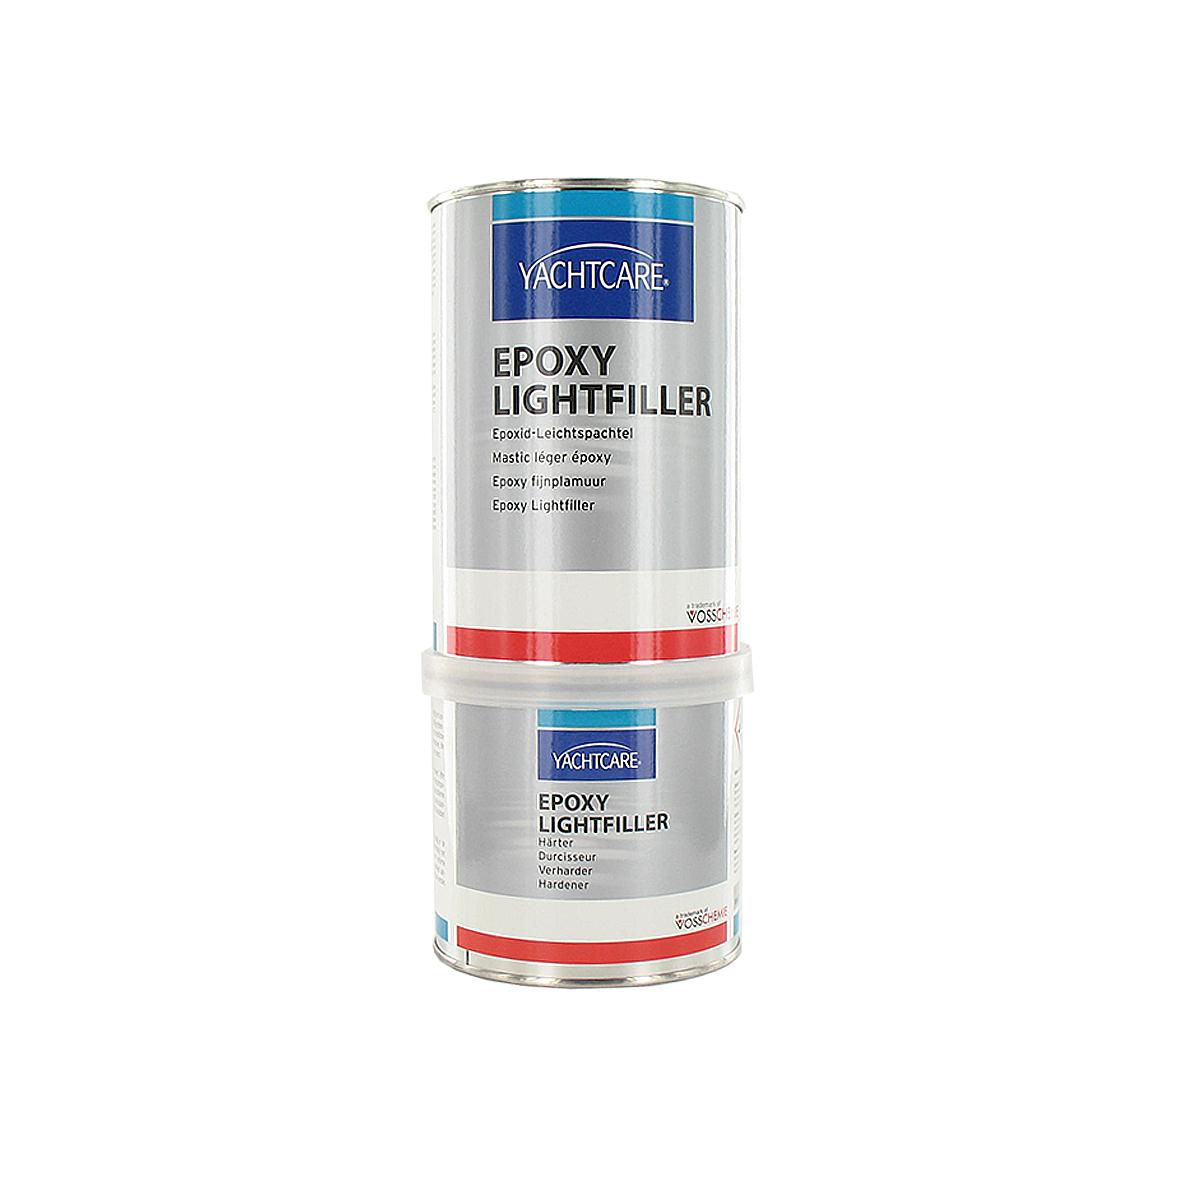 mastic l ger epoxy lightfiller avec durcisseur yachtcare 1 2 kg distriartisan. Black Bedroom Furniture Sets. Home Design Ideas